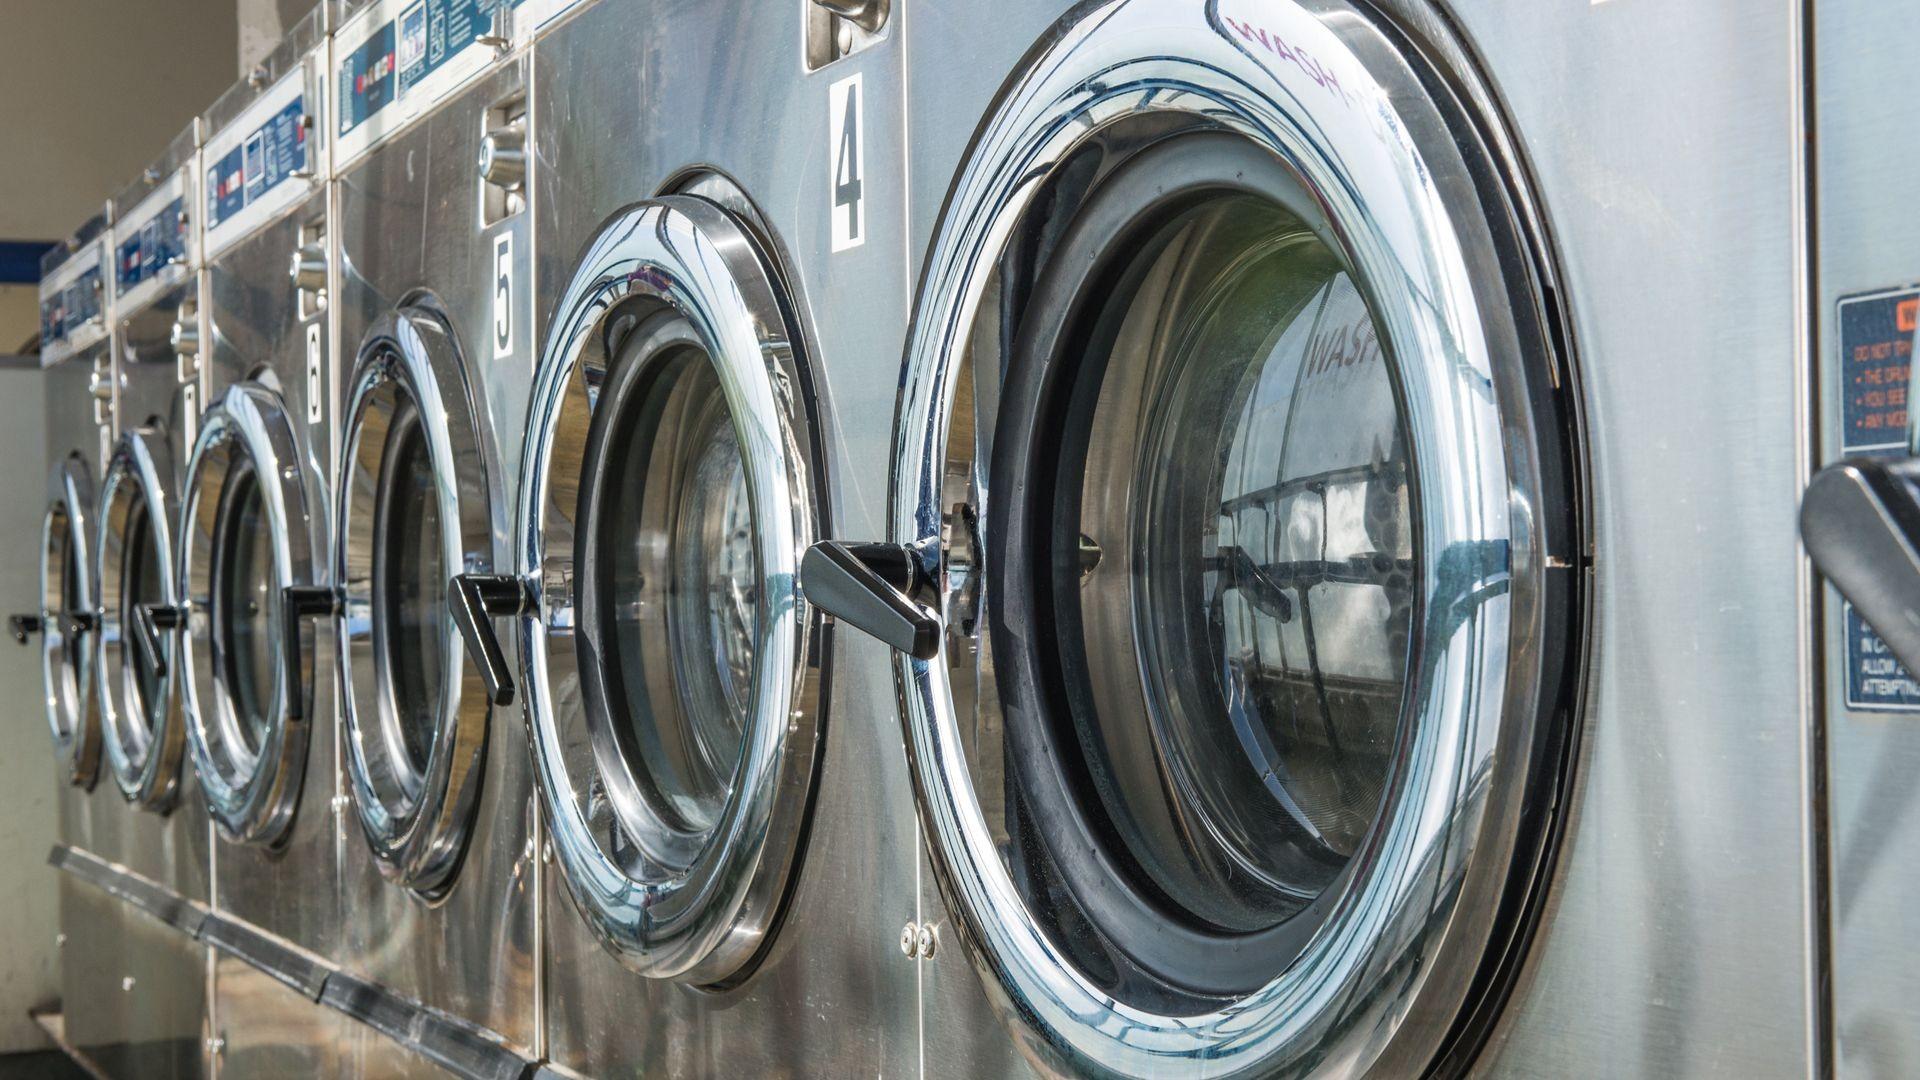 000 tintoreria lavandería lavadoras industriales